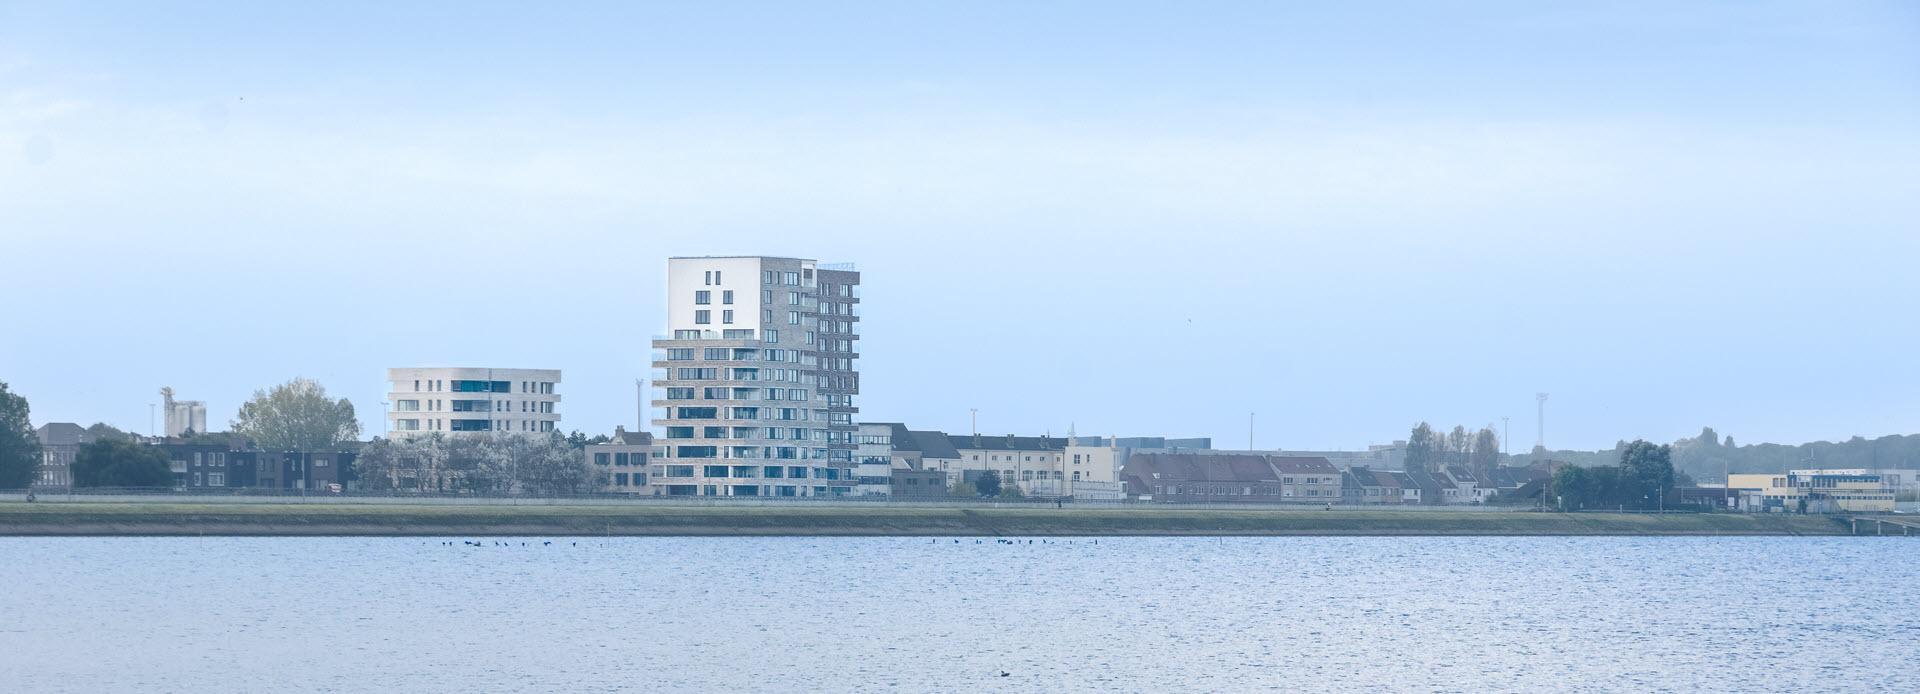 Zuidburg Veurne